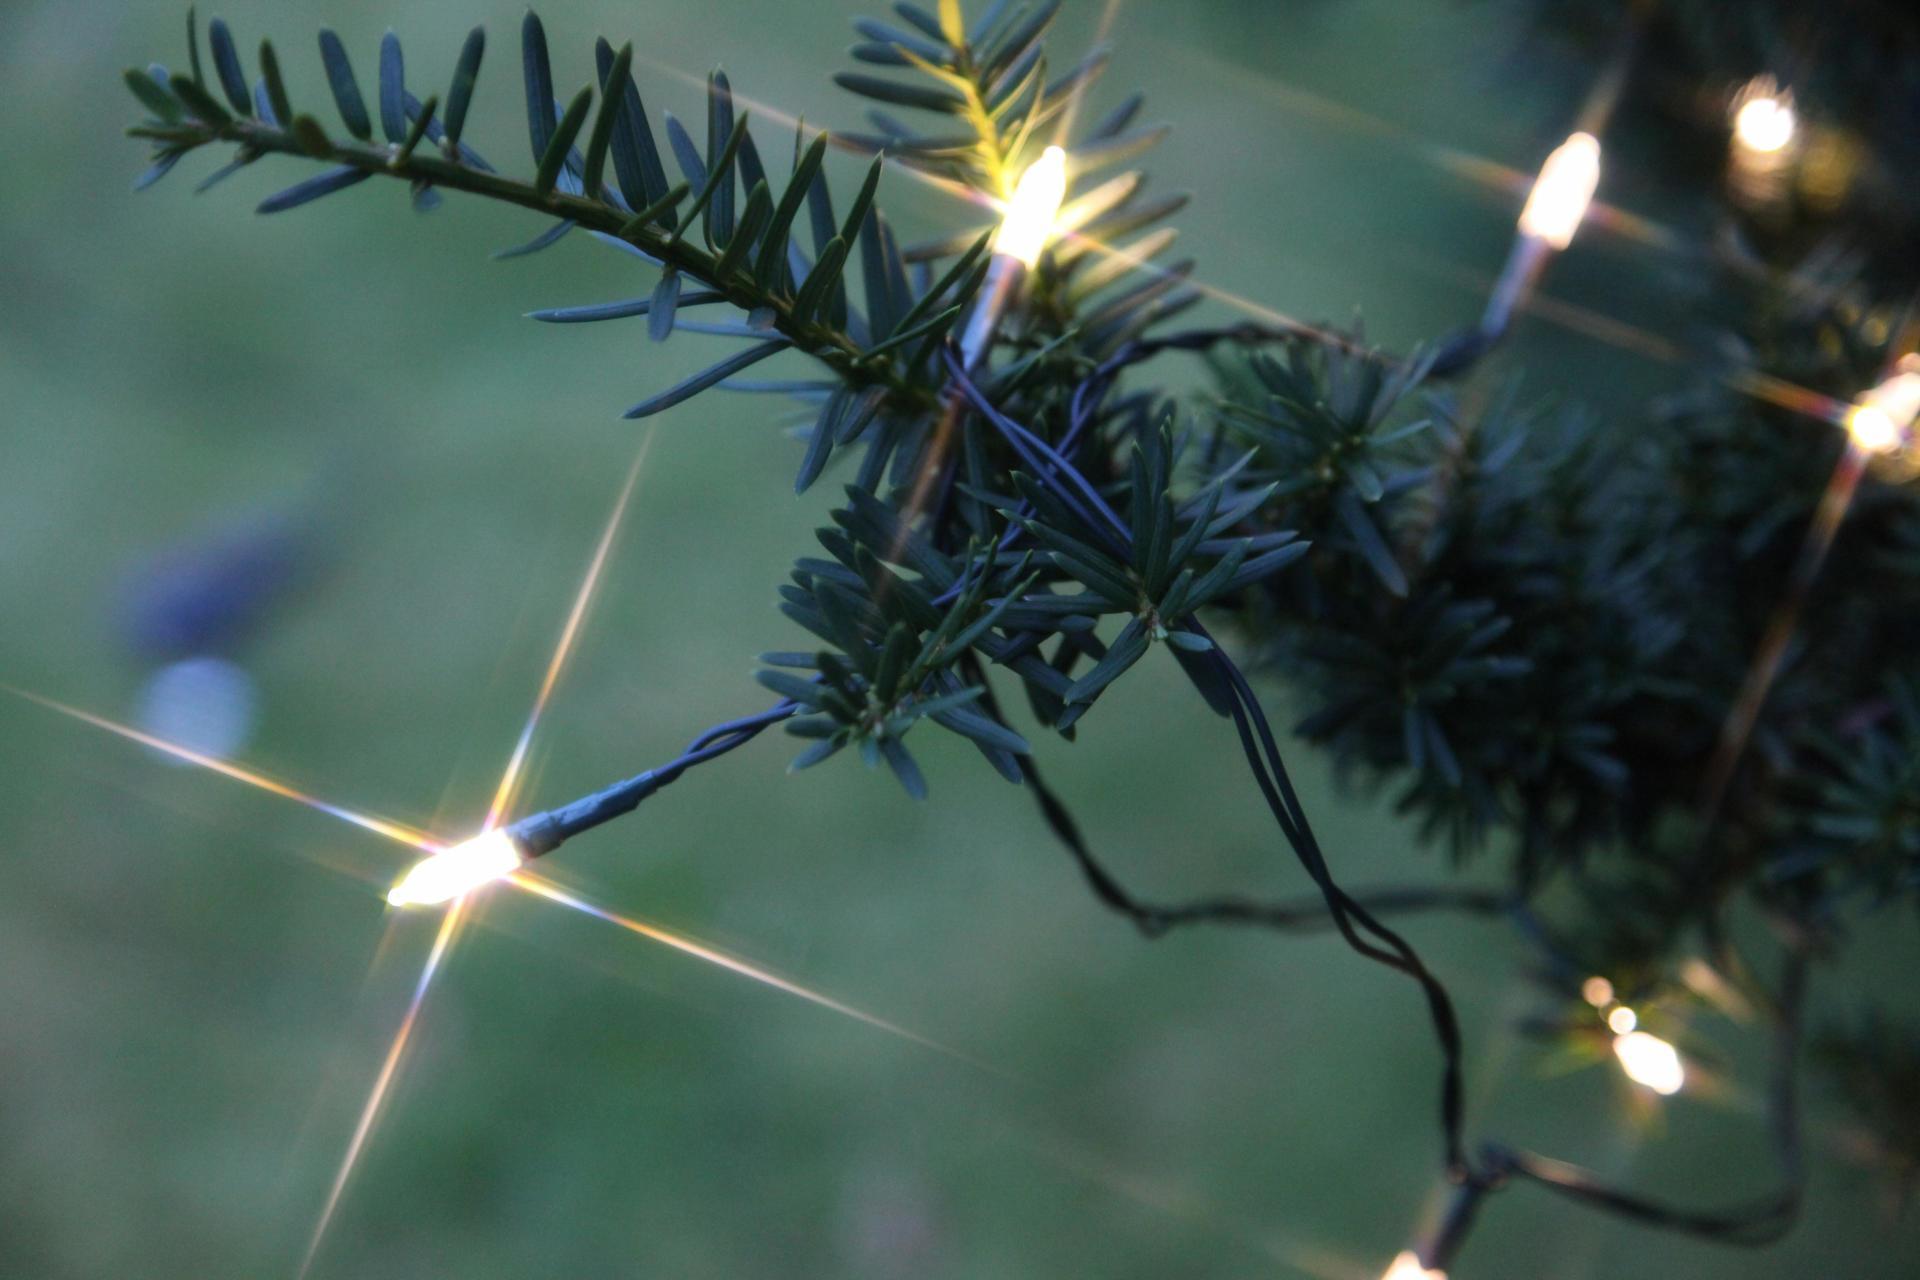 STAR TRADING Venkovní světelný LED řetěz - 40 žároviček, zelená barva, plast